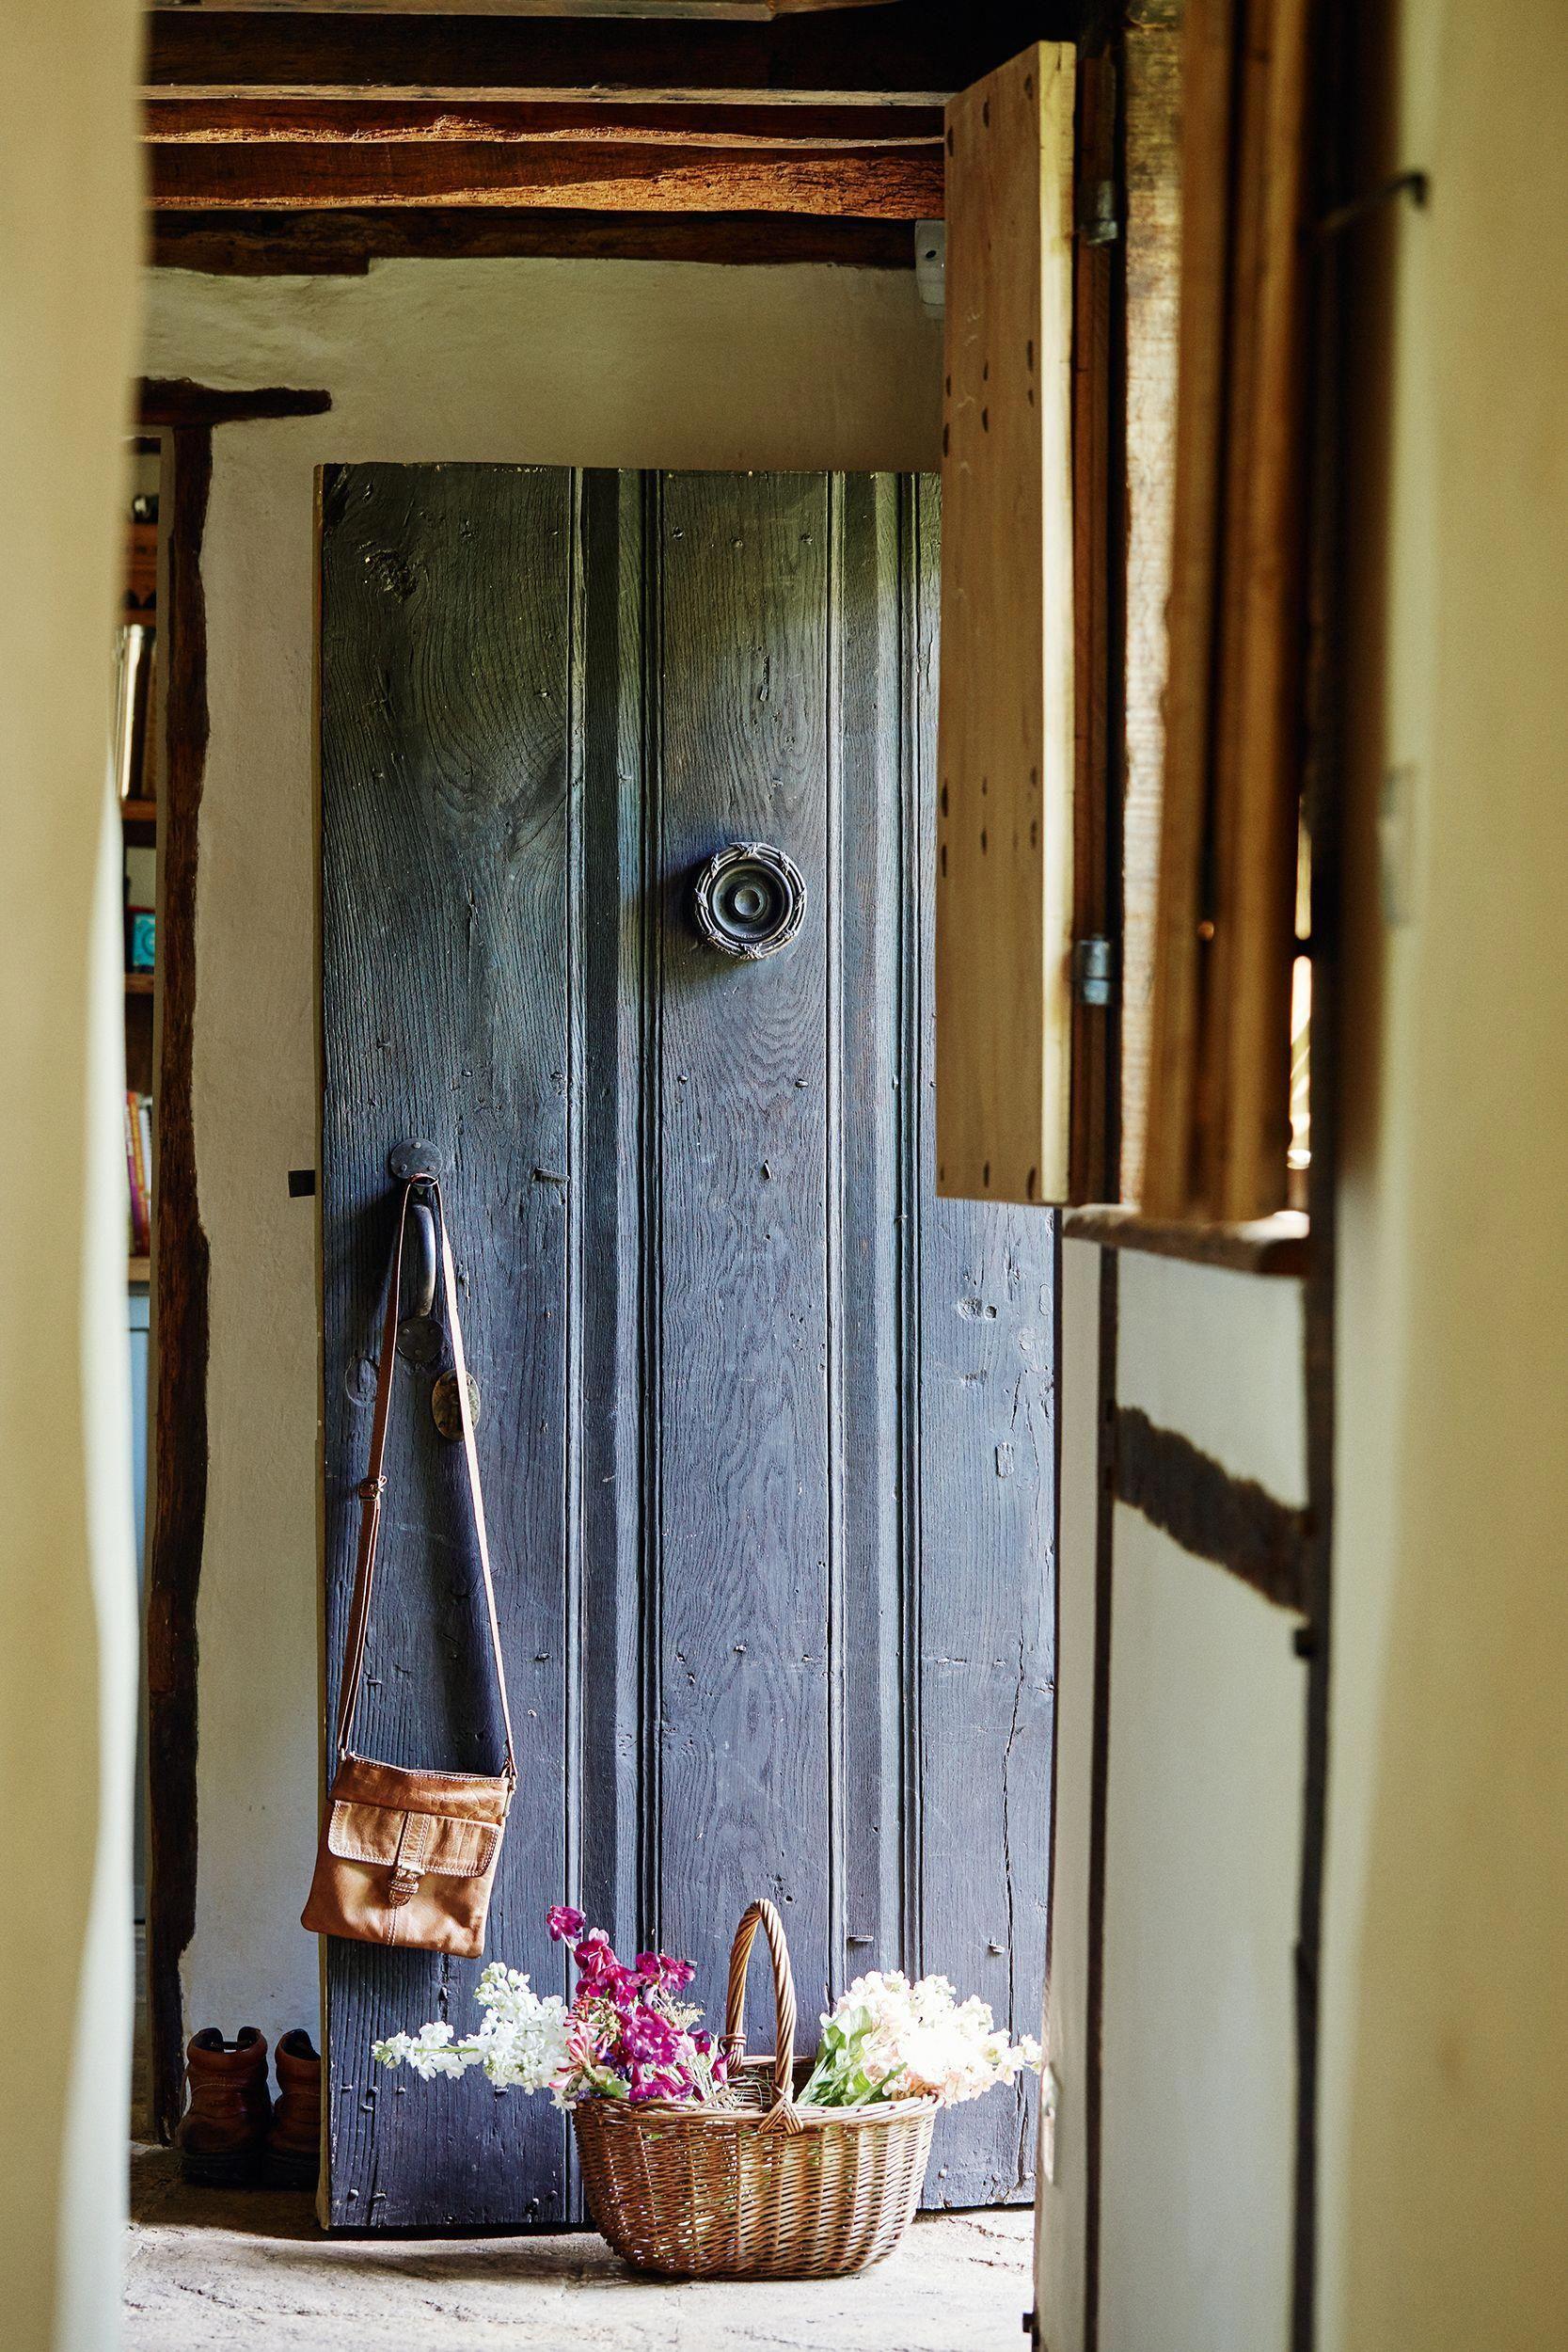 Rustic Interior Doors | Oak Front Doors | Indoor Bedroom Doors 20191029 #victorianfrontdoors